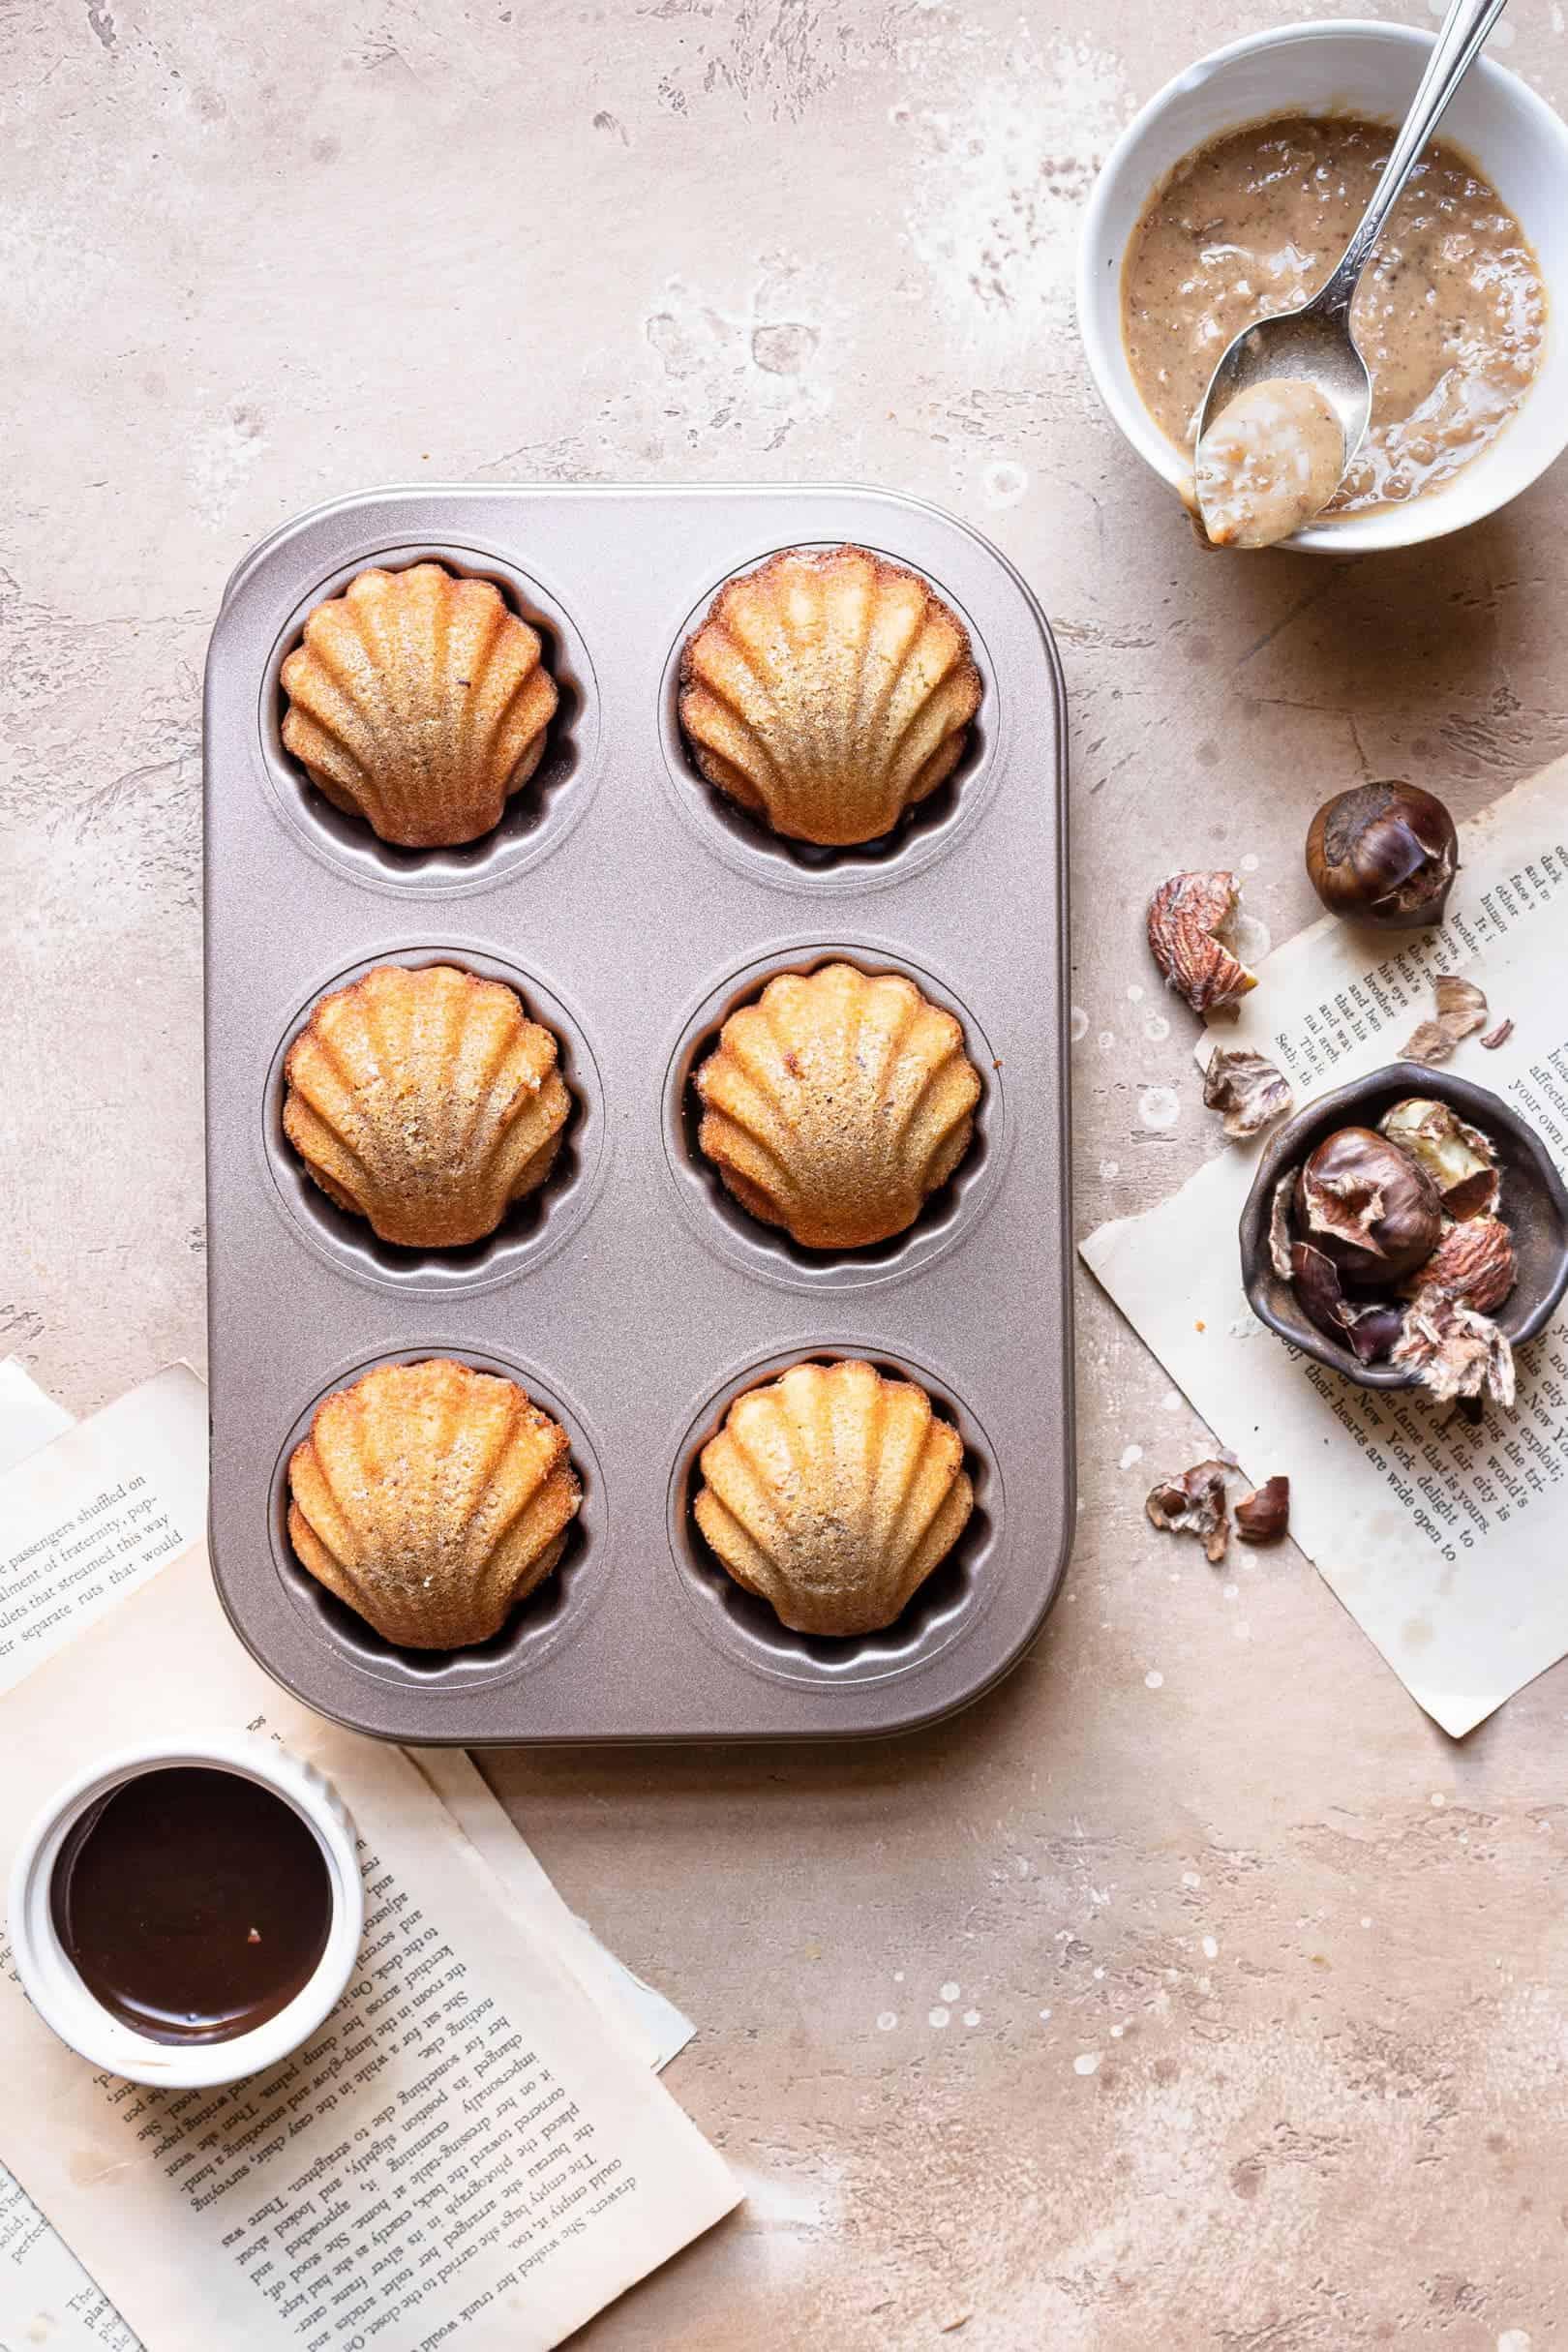 Chestnut Madeleines recipe